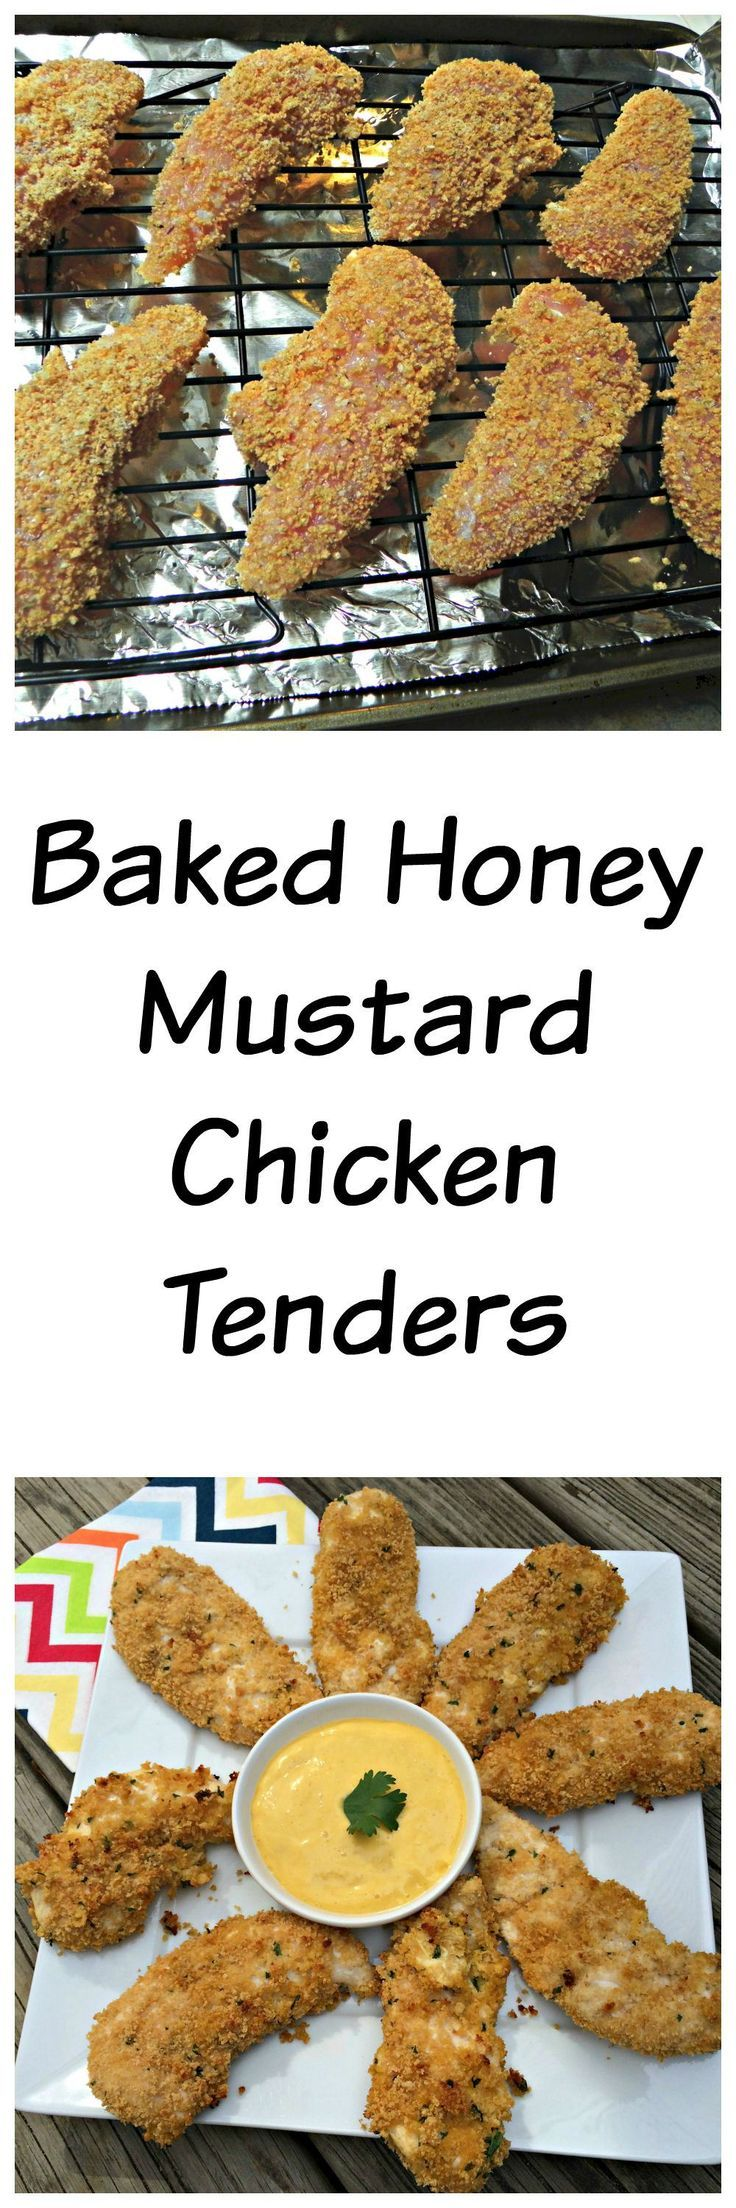 Baked Honey Mustard Chicken Tenders